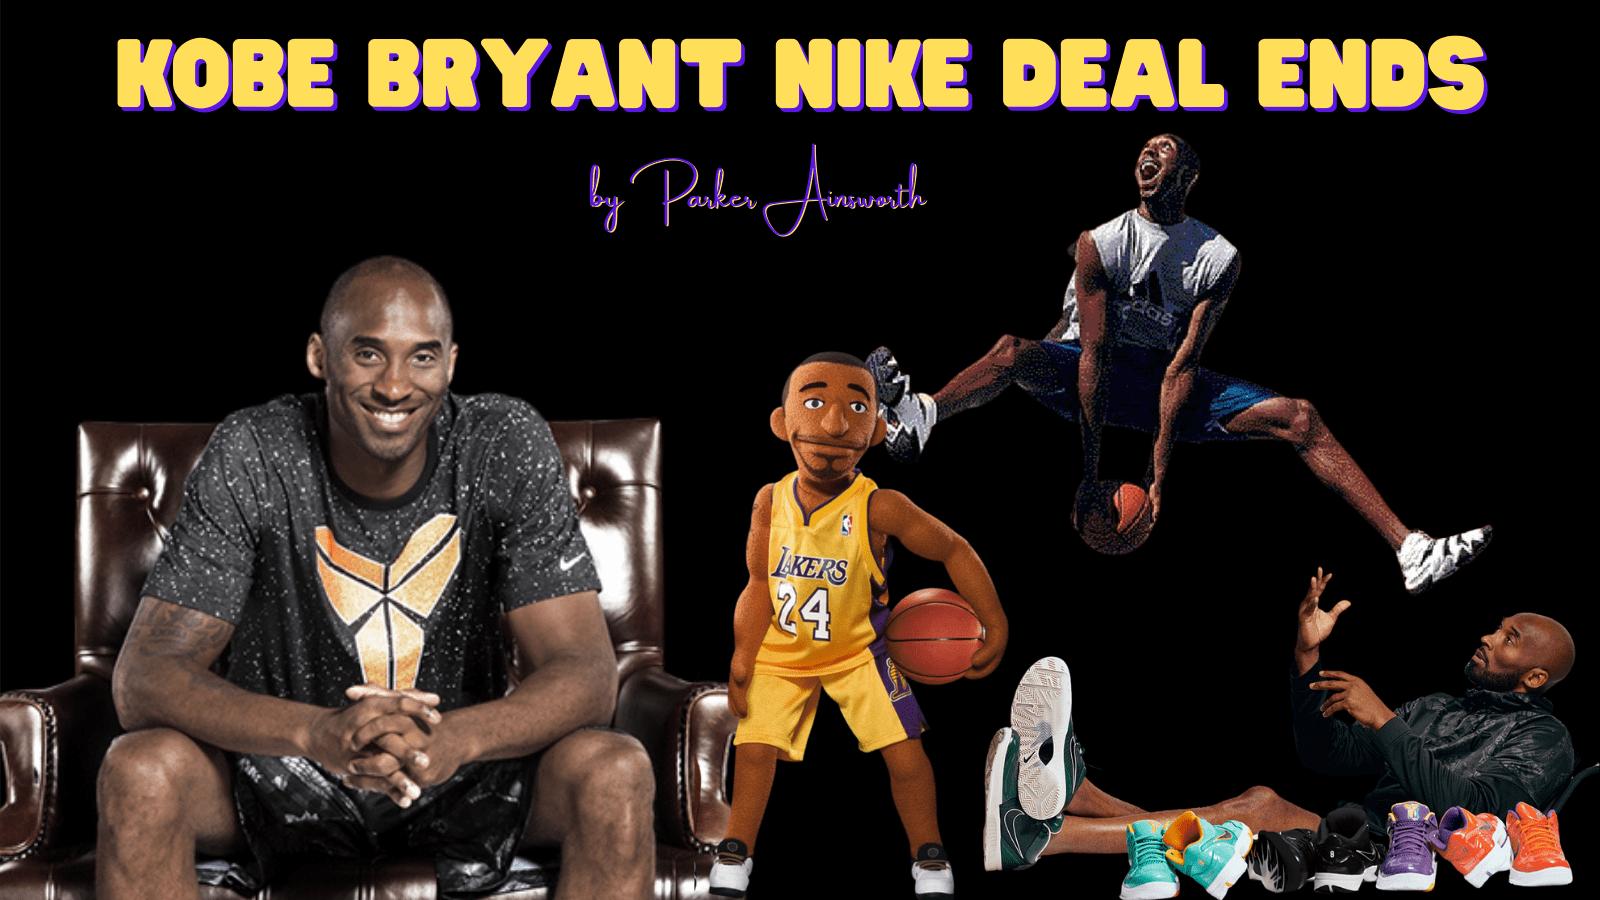 Kobe Bryant Nike Deal Ends